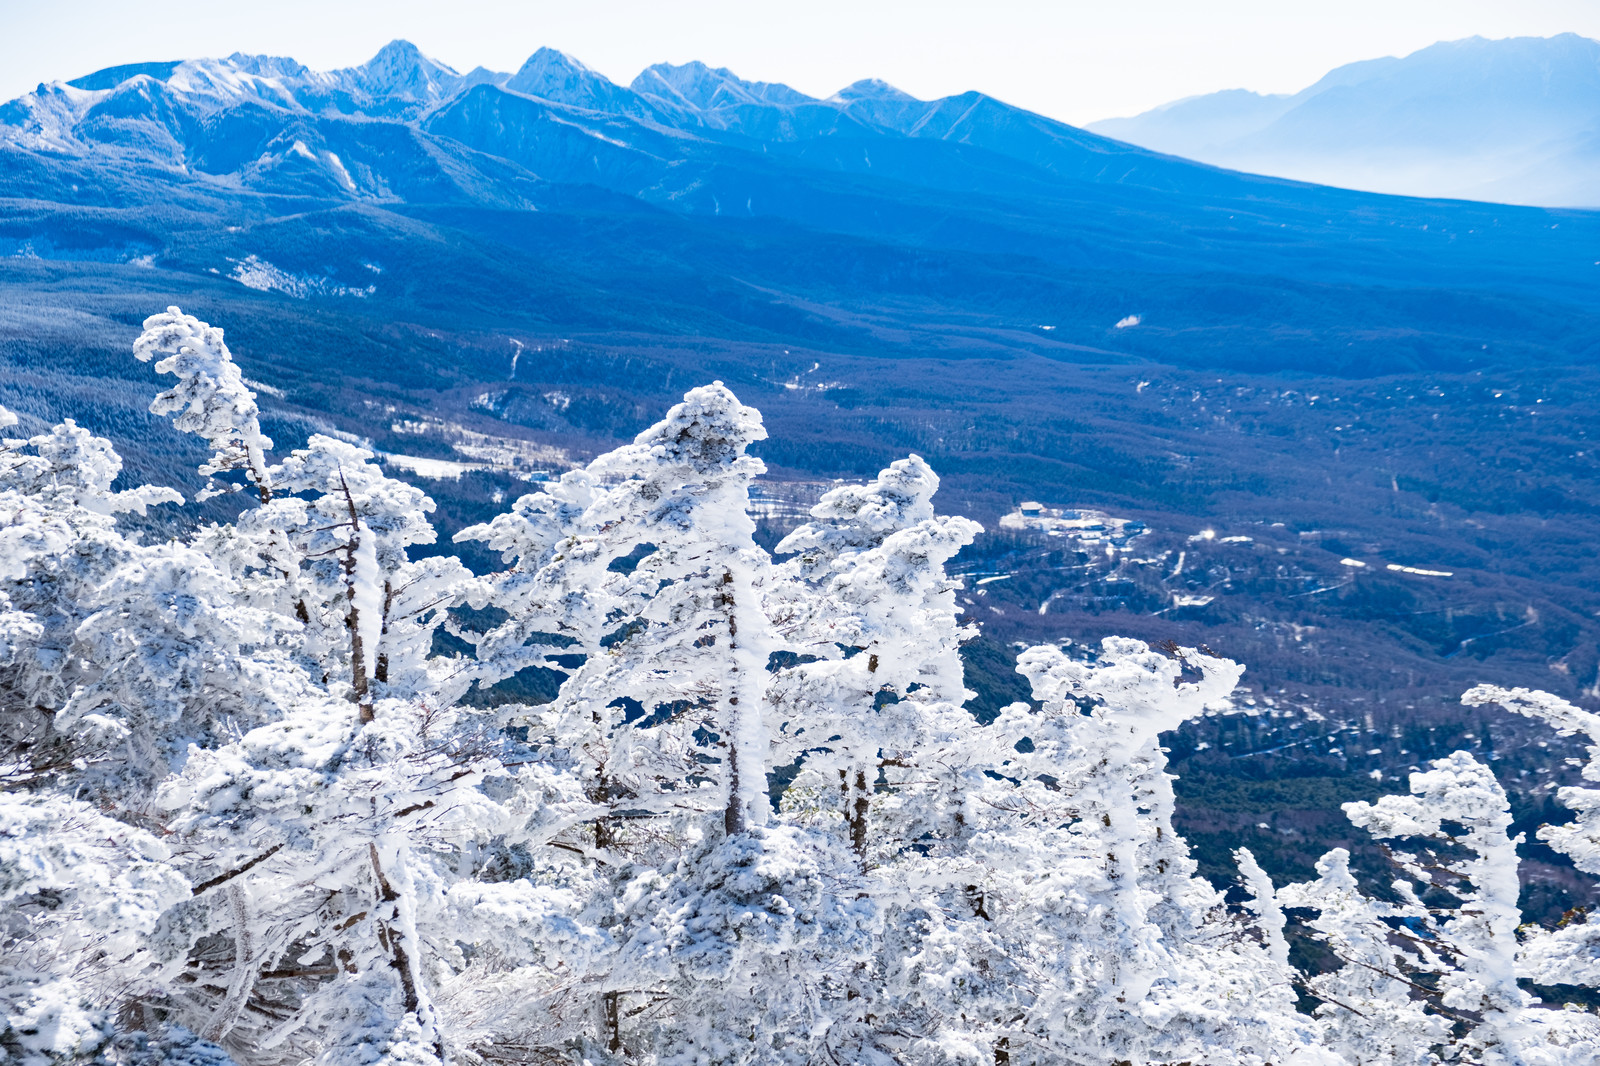 「霧氷と八ヶ岳連峰と茅野市街」の写真